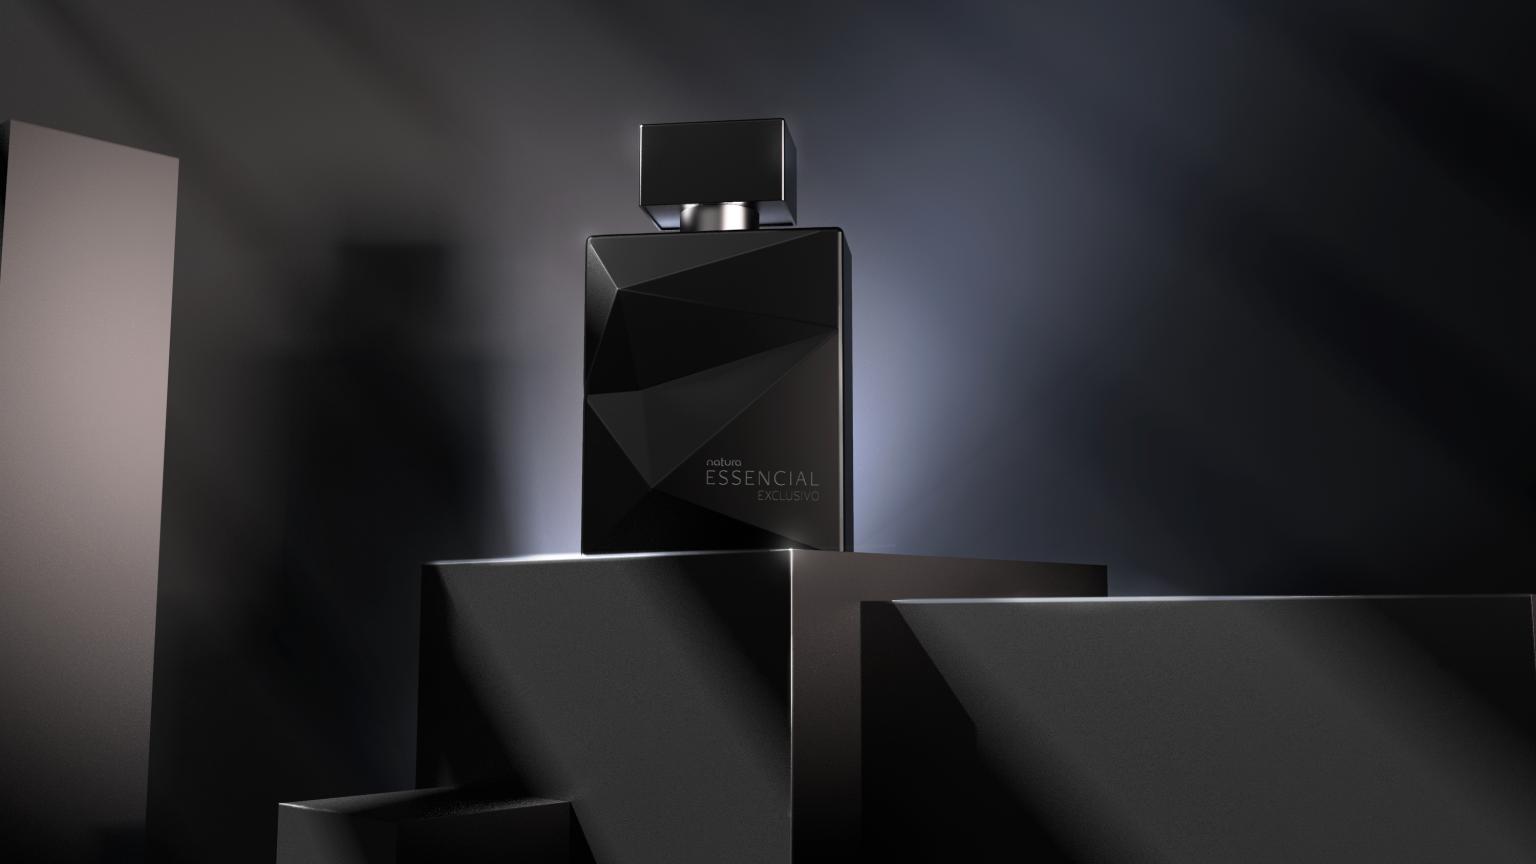 natura-essencial-design-embalagem